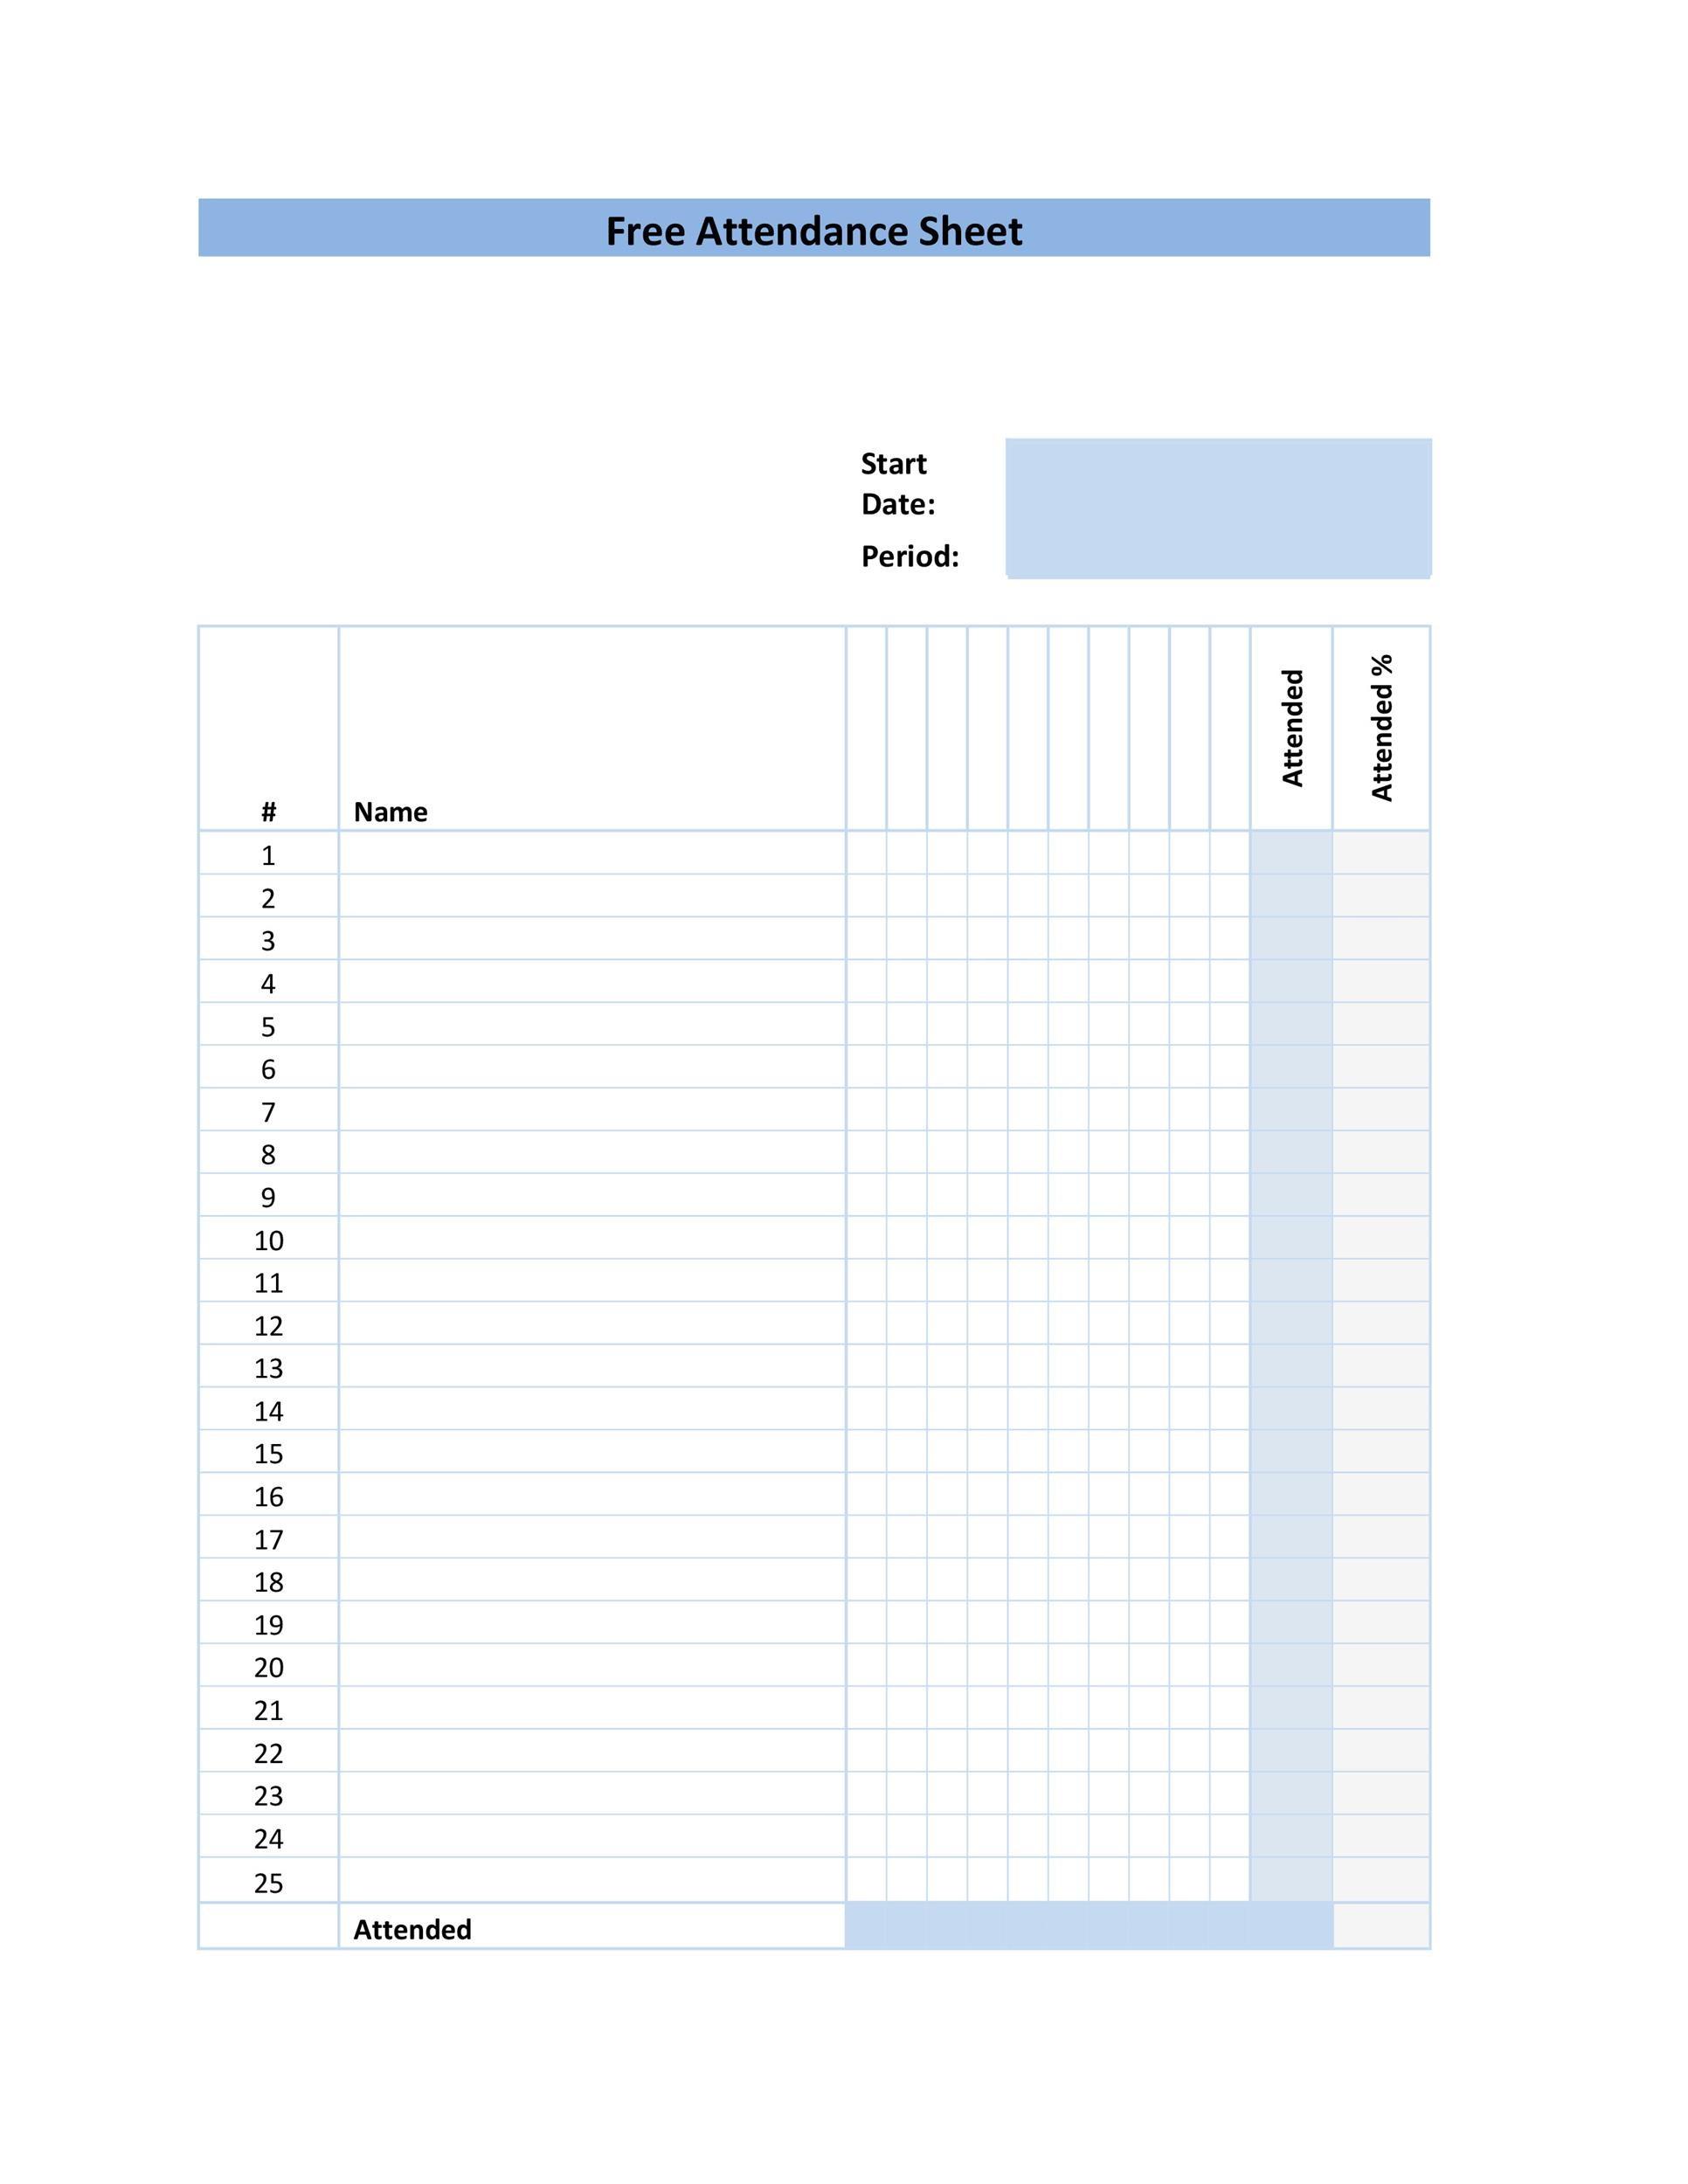 Free Attendance Sheet 04